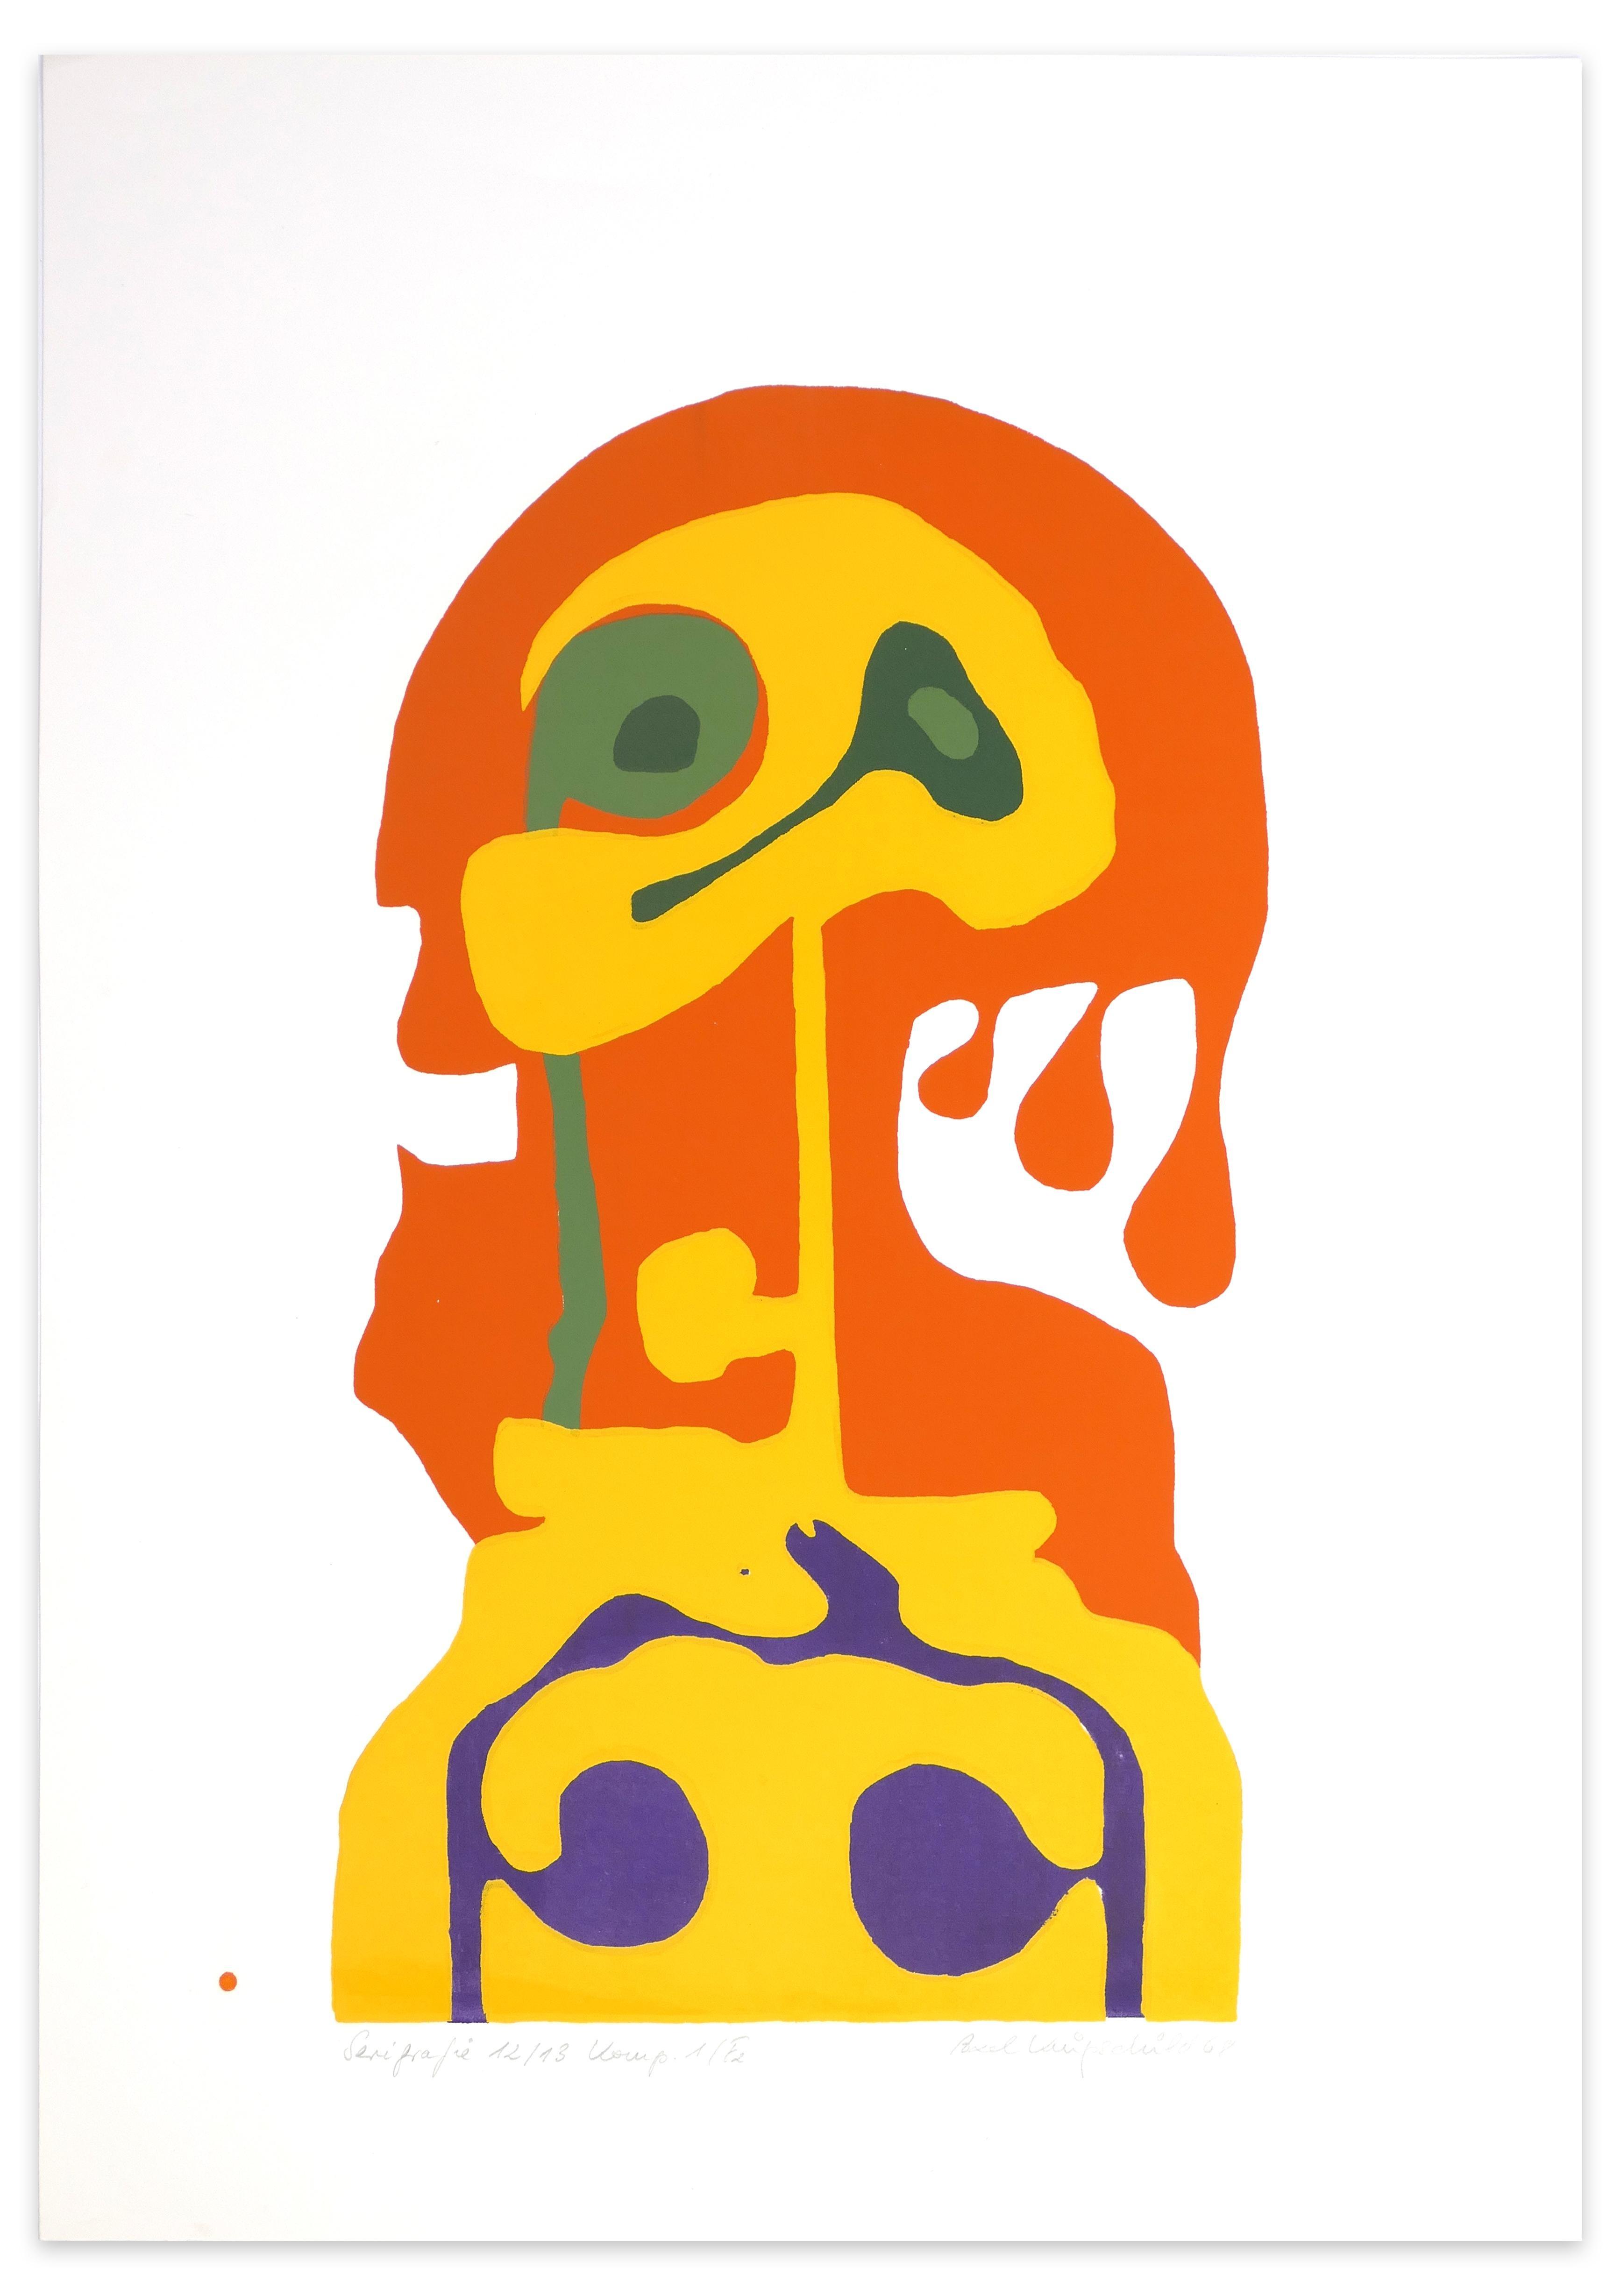 Shape of Woman - Original Screen Print by A. Knipschild - 1969